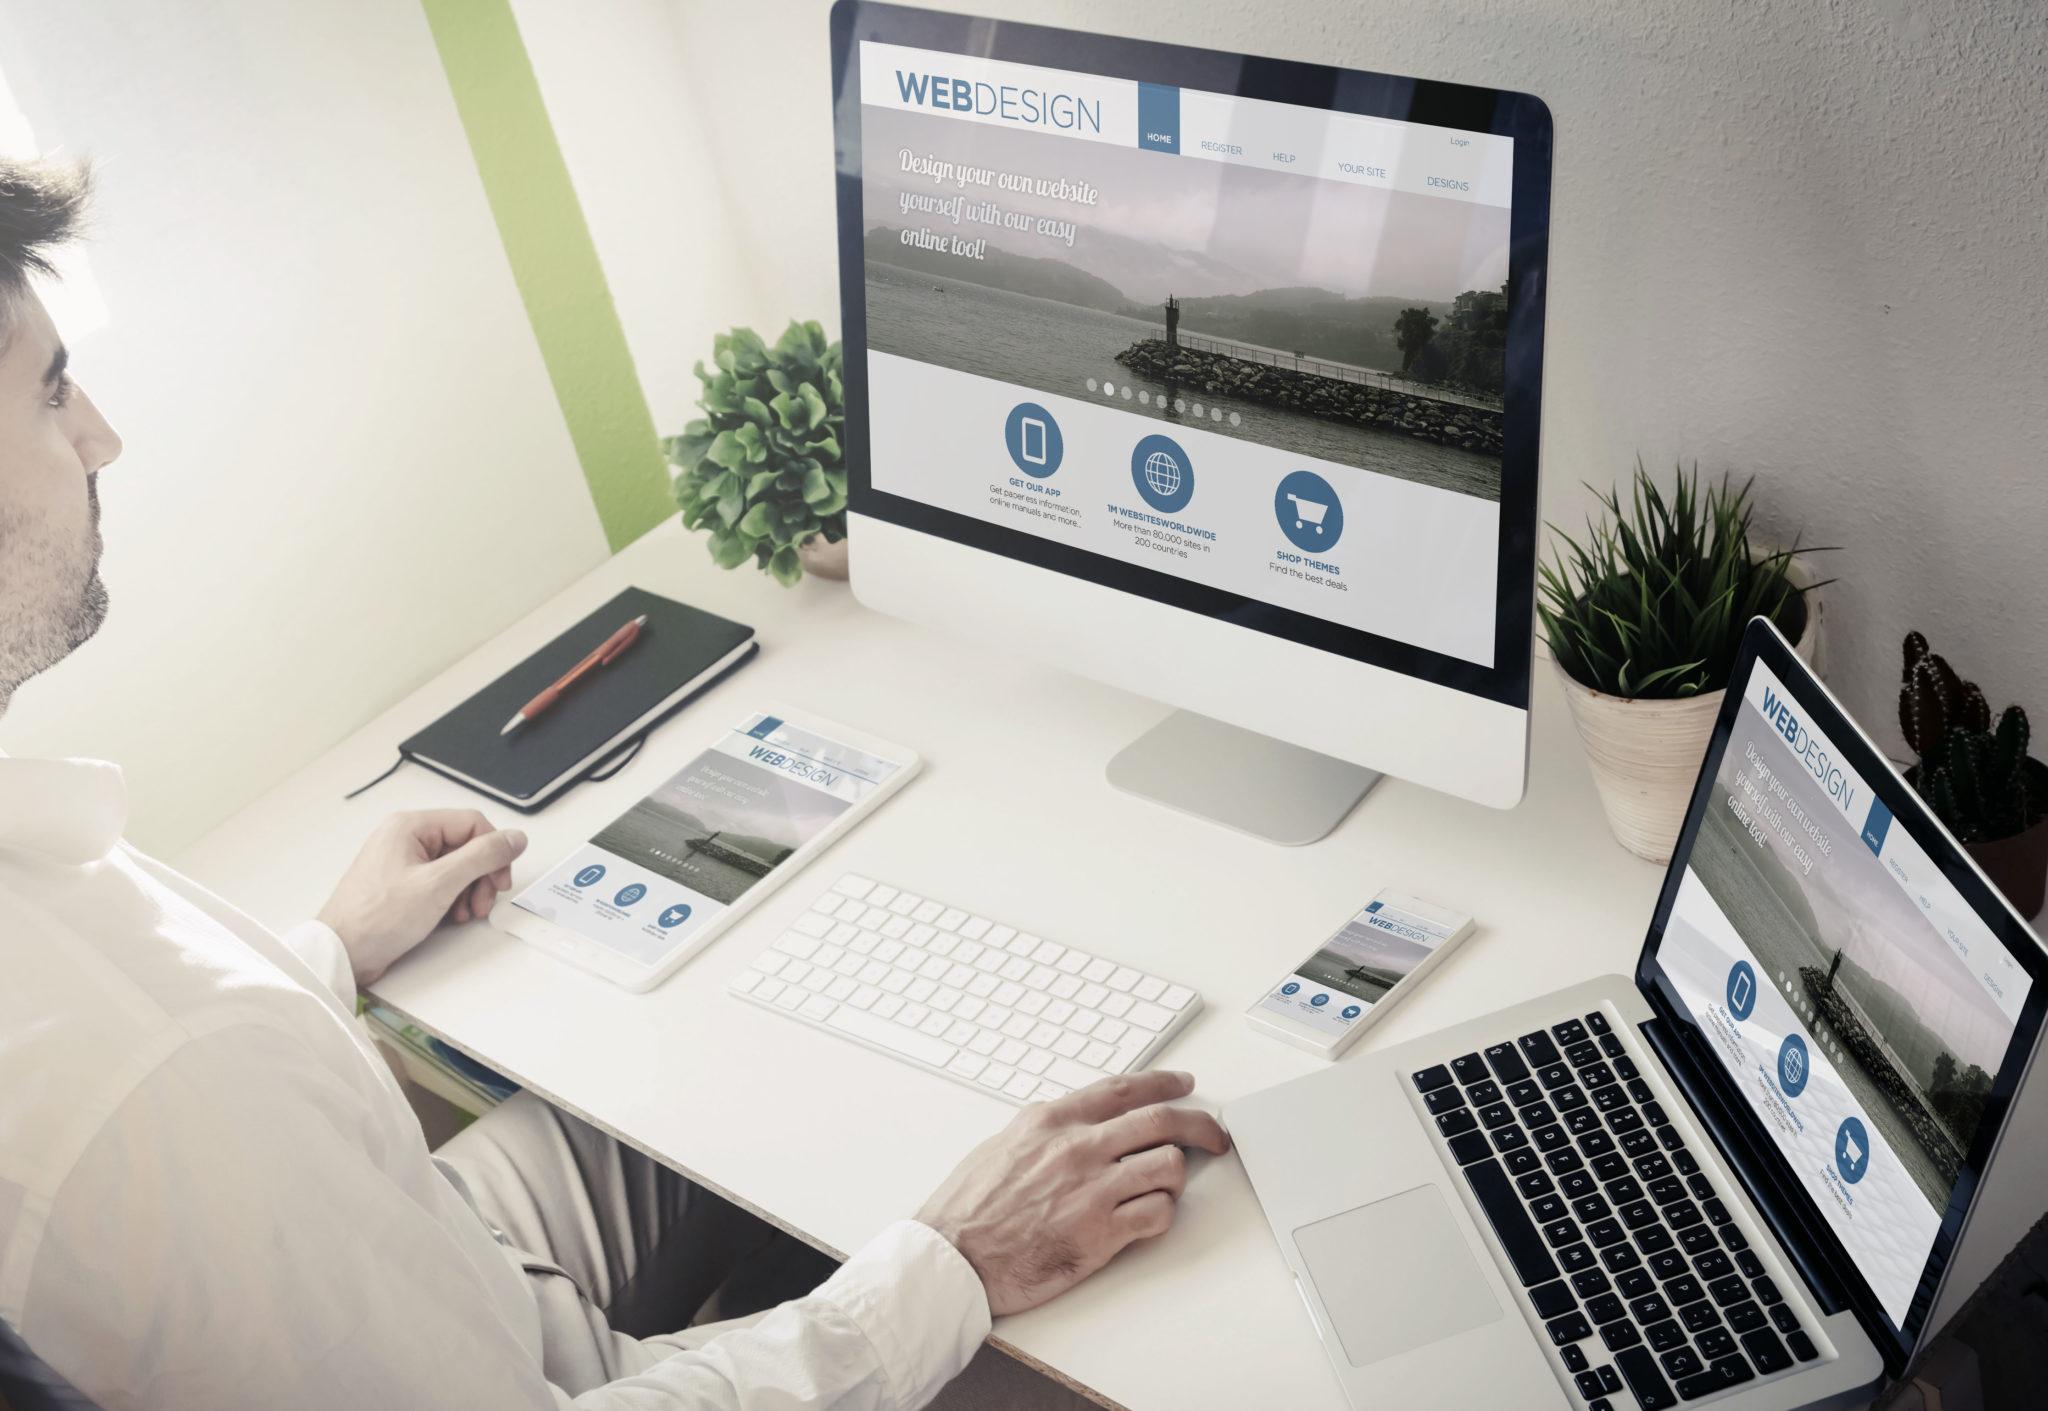 Des idées créatives pour un webdesign de qualité